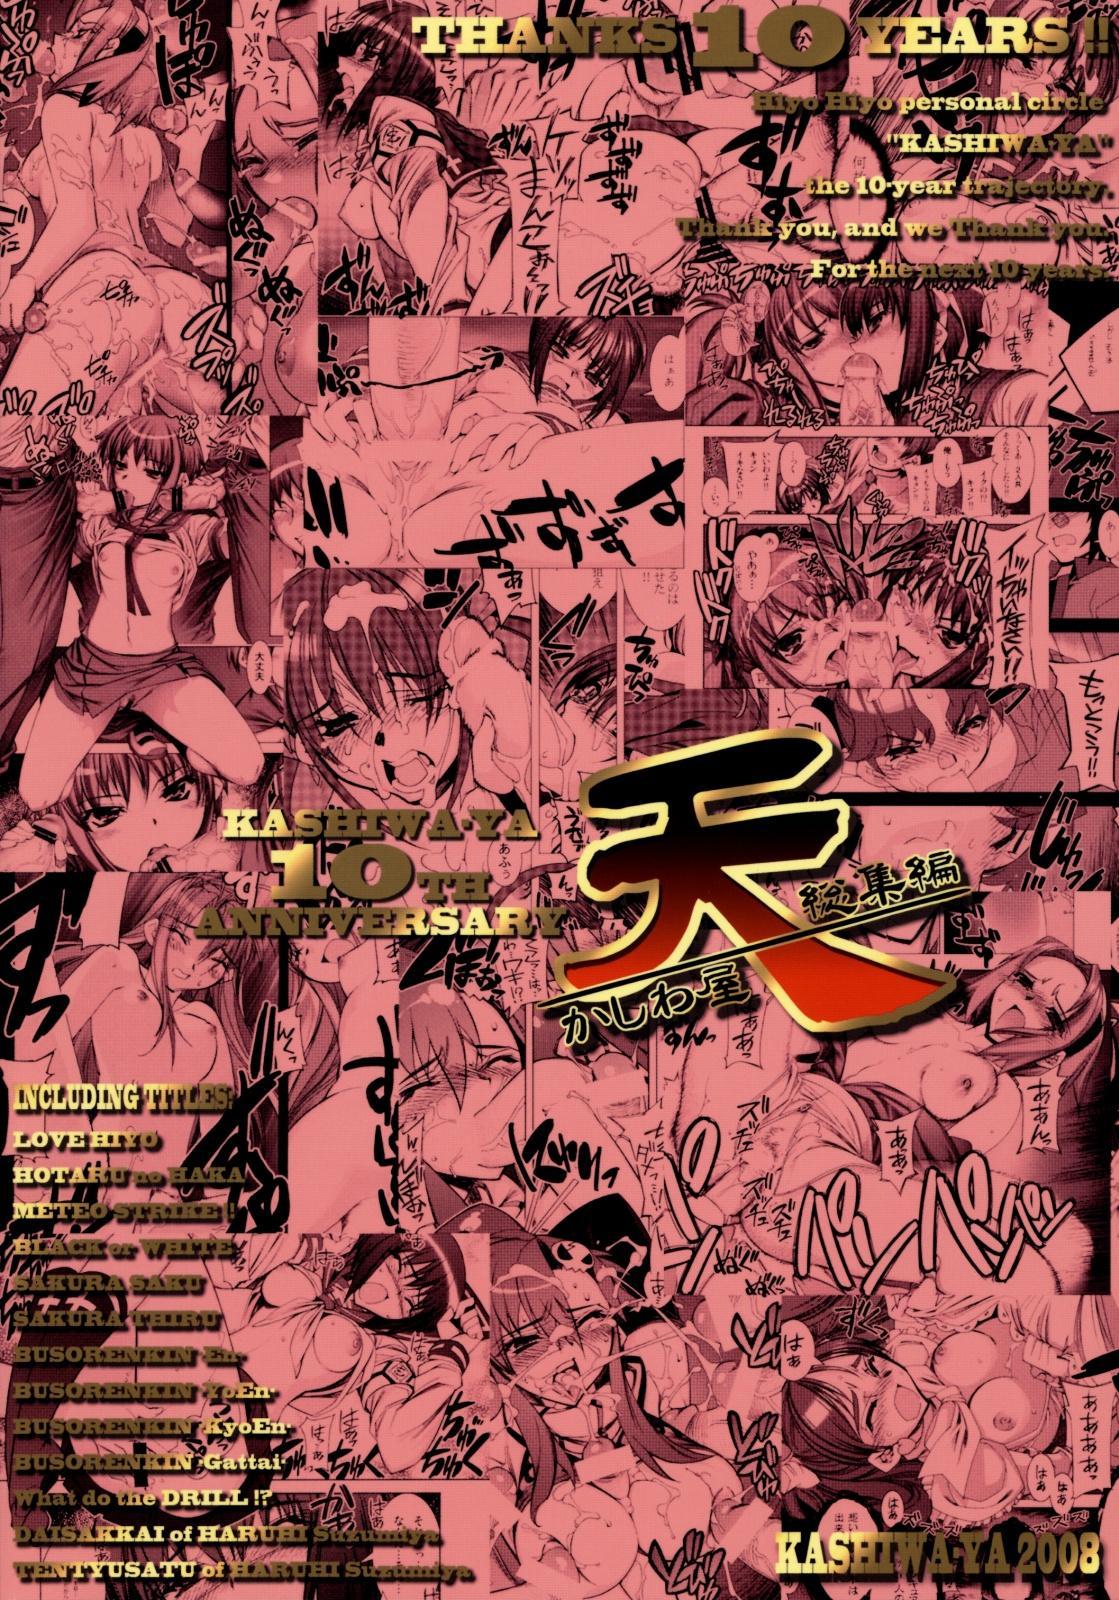 Kashiwa-ya Circle 10th Anniversary 175